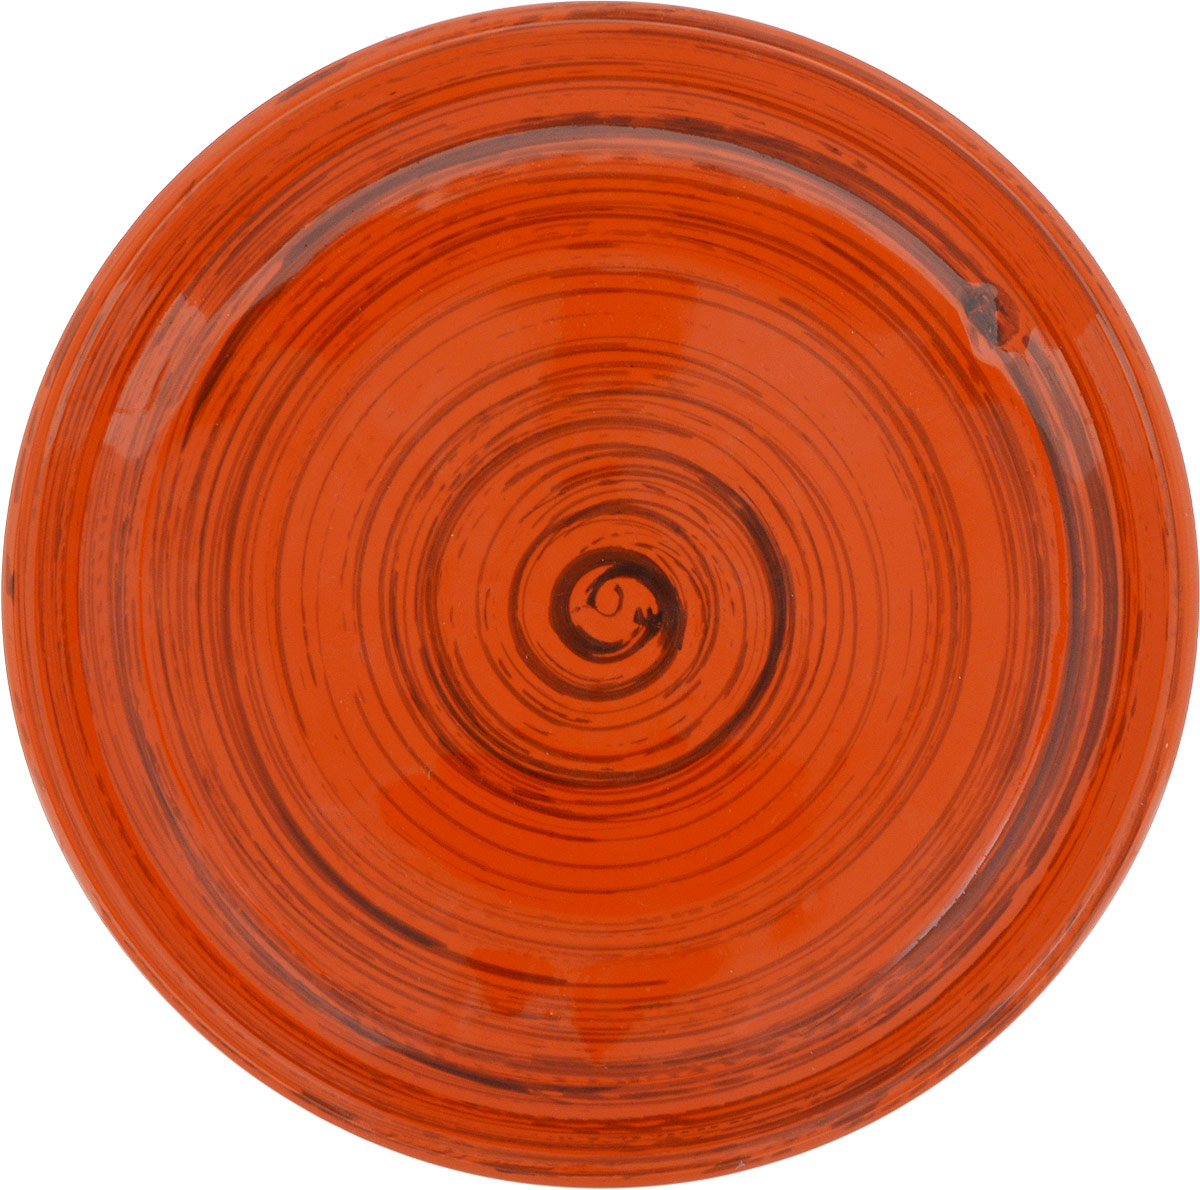 """Миска Борисовская керамика """"Радуга"""", цвет: оранжевый, коричневый, диаметр 18 см"""